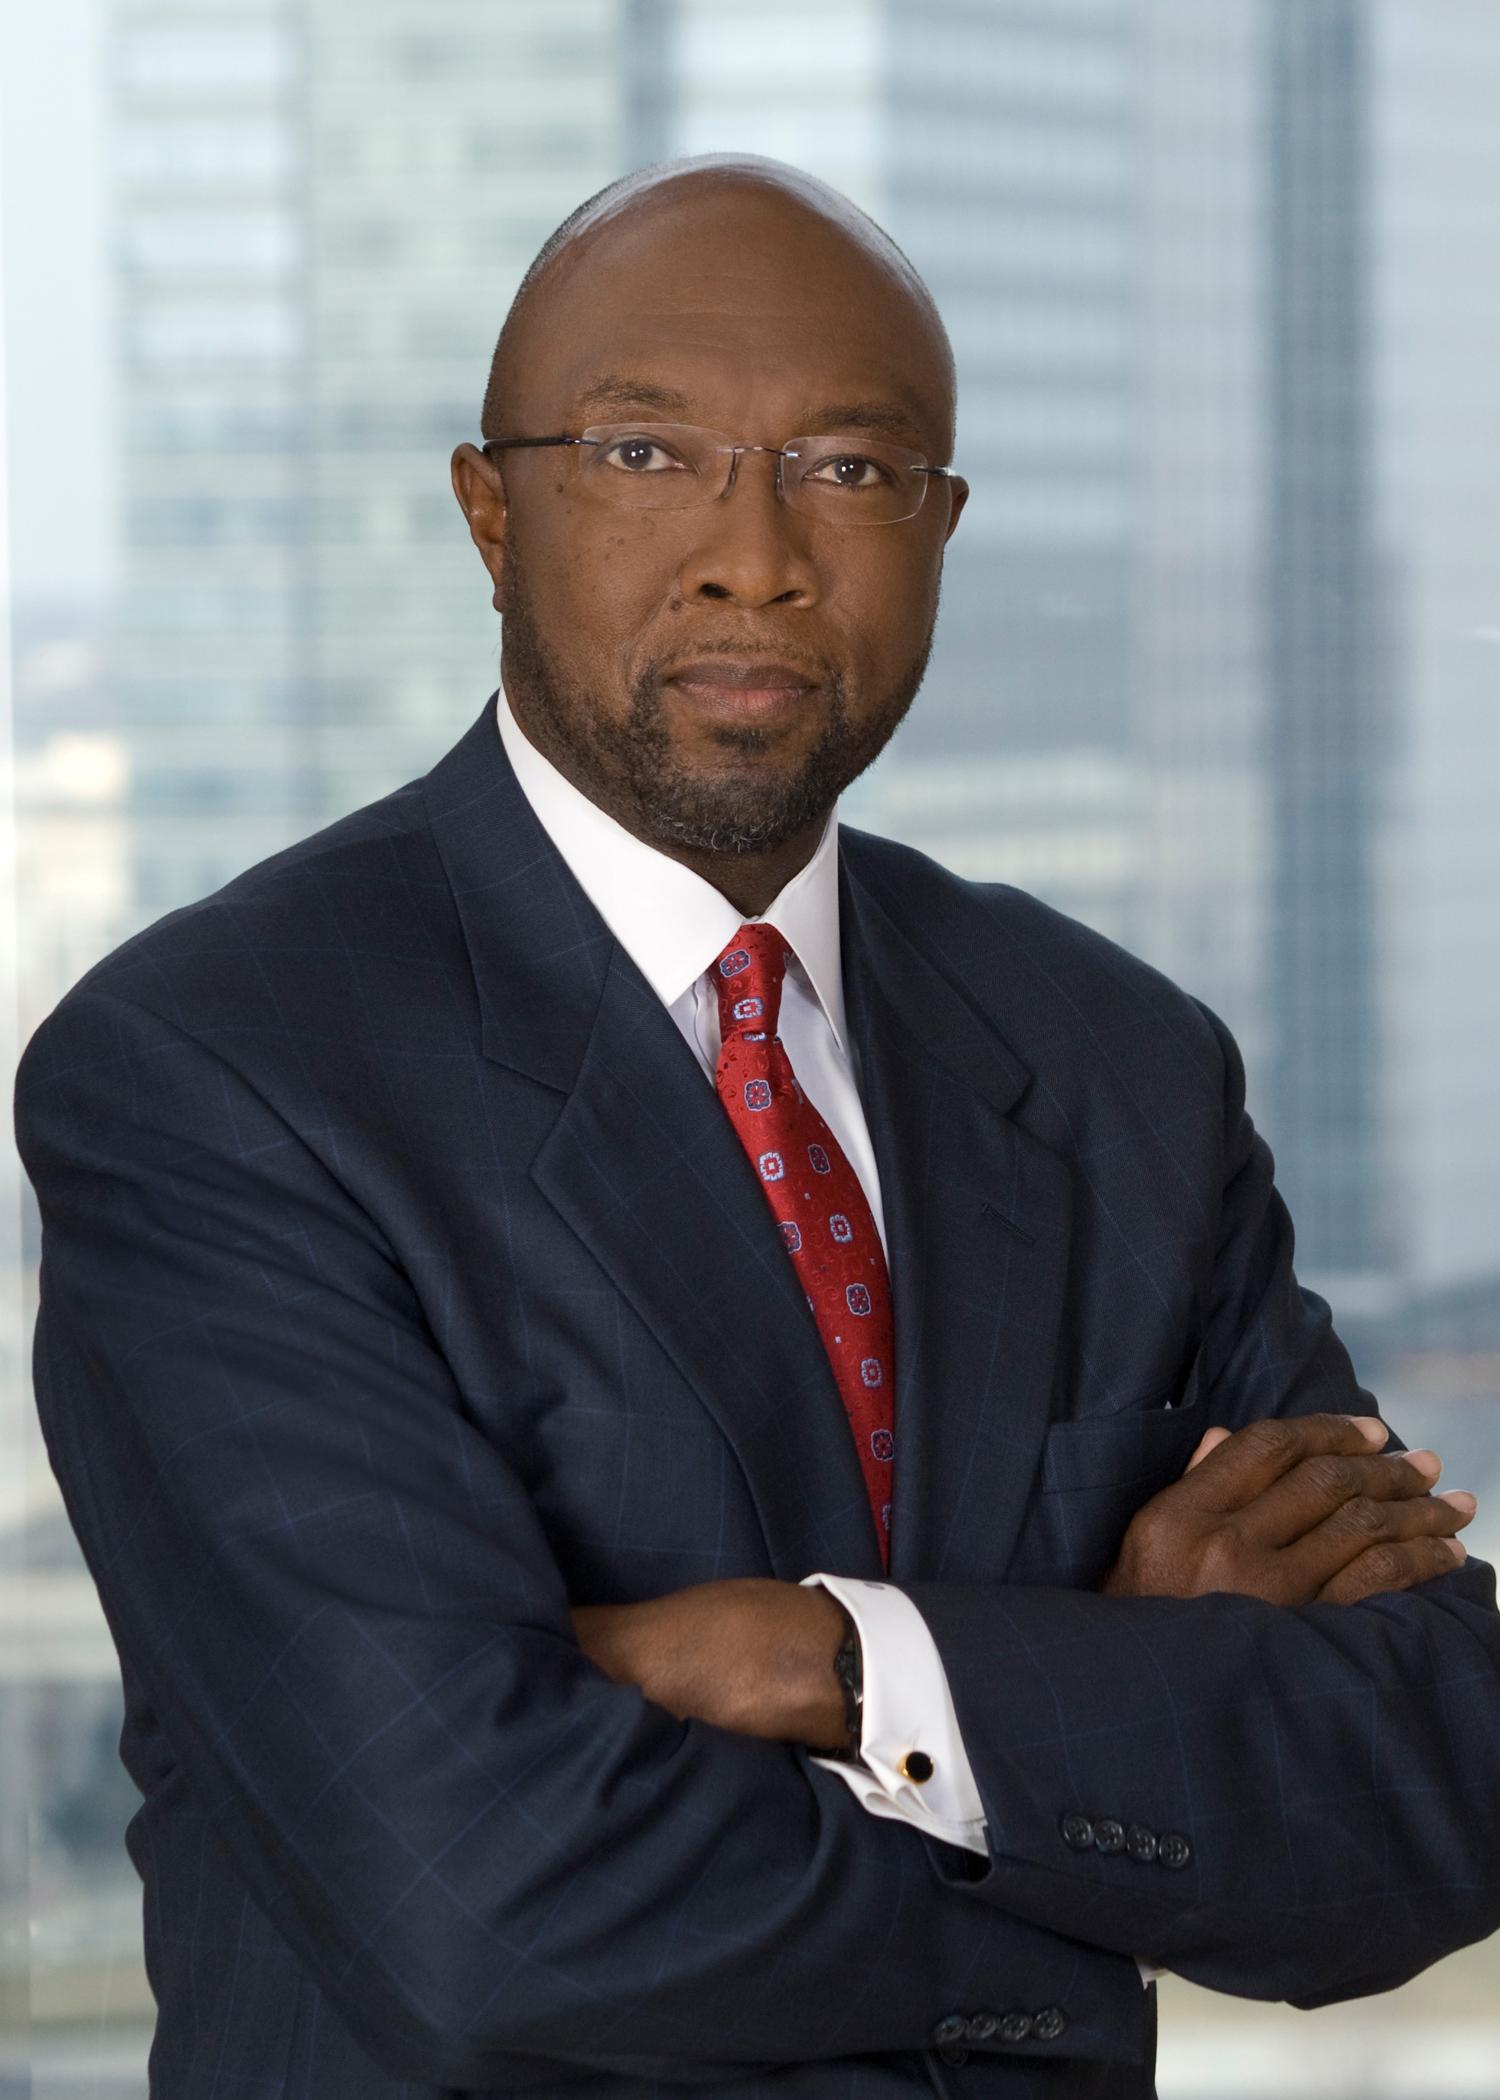 Image of Richard H. Deane, Jr.